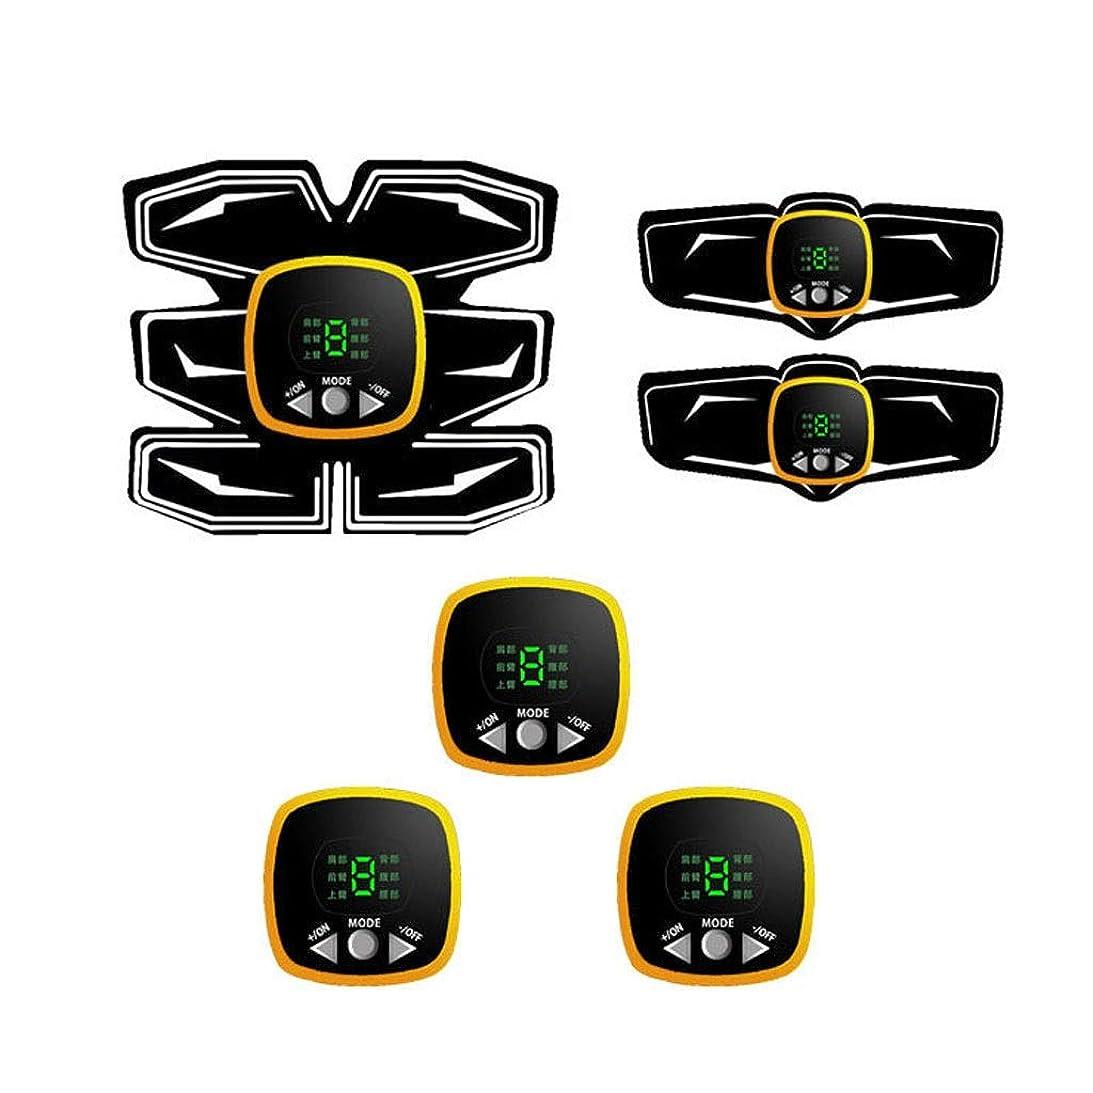 ABSトレーナーEMS腹部電気マッスルスティミュレーターマッスルトナー調色ベルトフィットネストレーニングギアABSエクササイズマシンウエストトレーナーホームトレーニングフィットネス機器 (Color : Yellow)